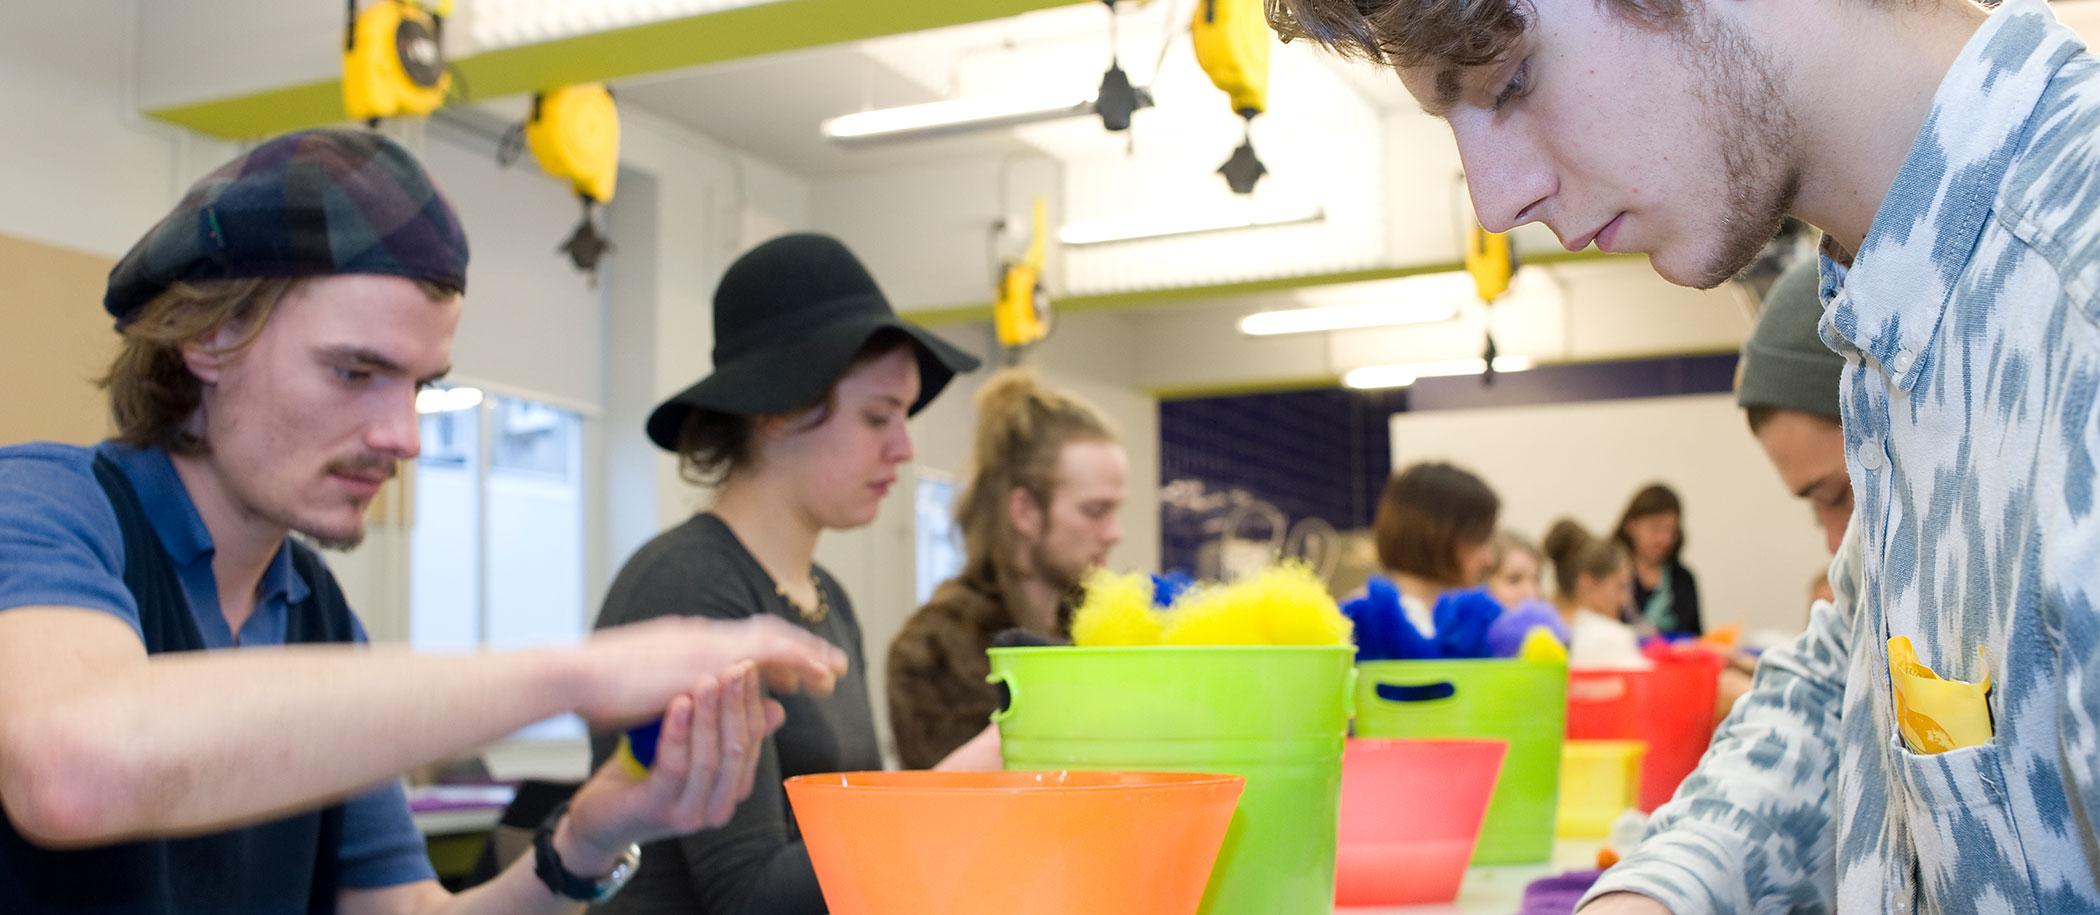 studenten aan het werk met vilt in workshopruimte